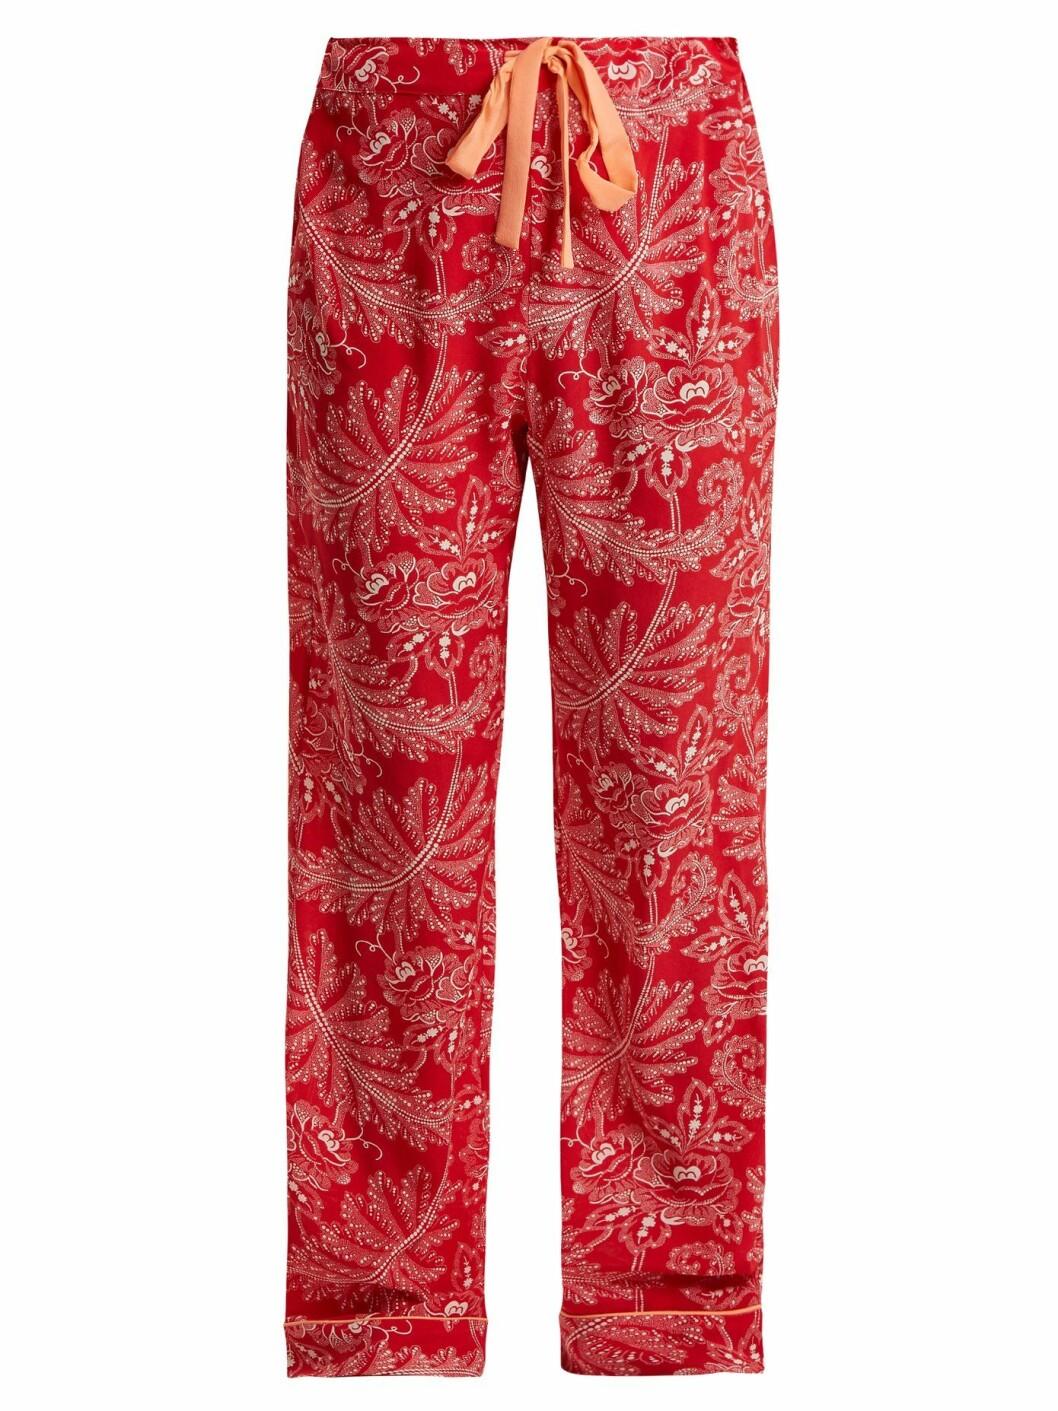 Bukse fra Diane von Furstenberg |1290,-| https://www.matchesfashion.com/intl/products/Diane-Von-Furstenberg-Floral-print-silk-crepe-de-Chine-pyjama-trousers--1185376